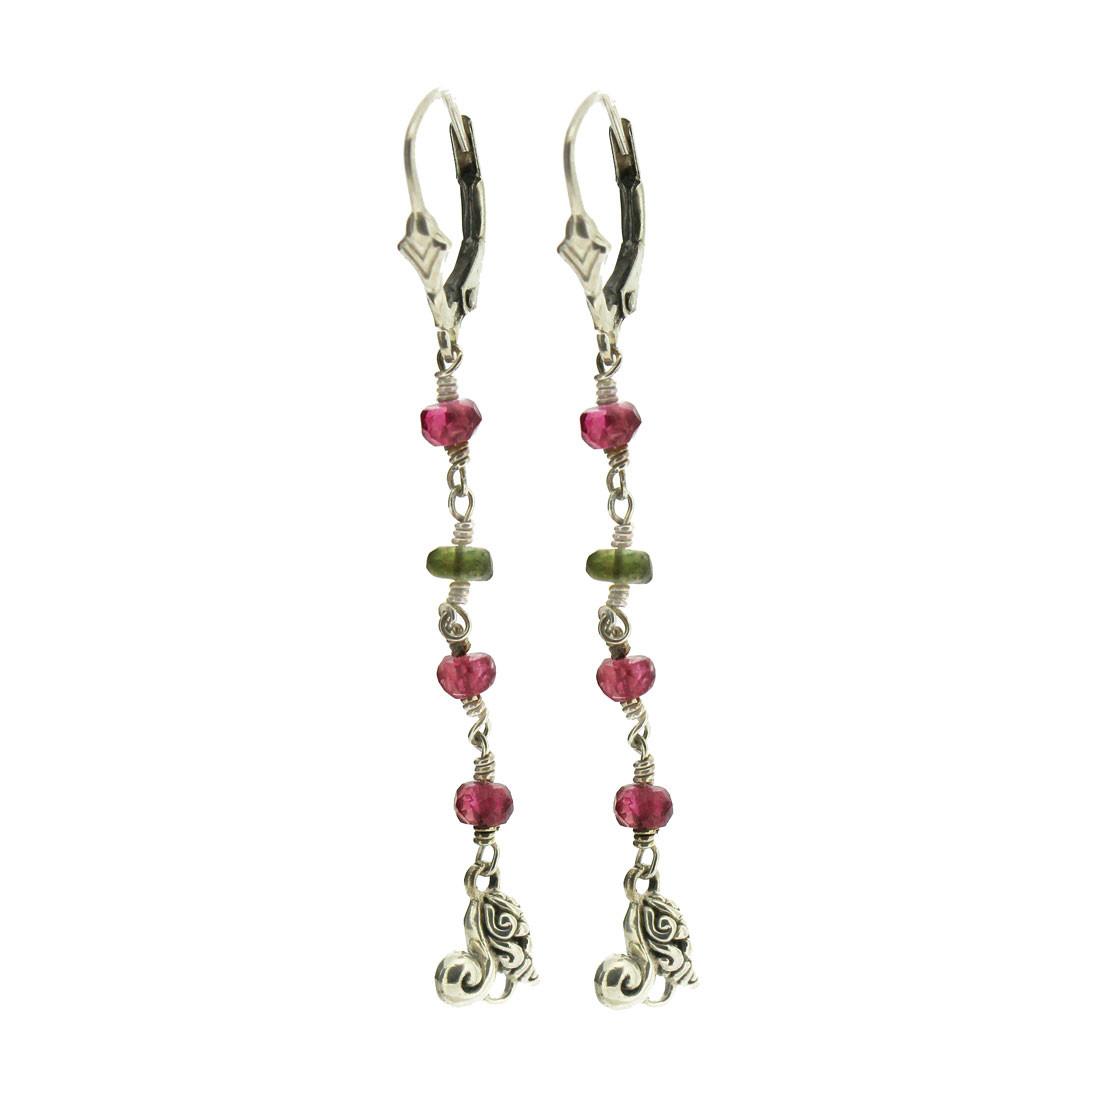 Garnet and Peridot Earrings Dangle Sterling Silver